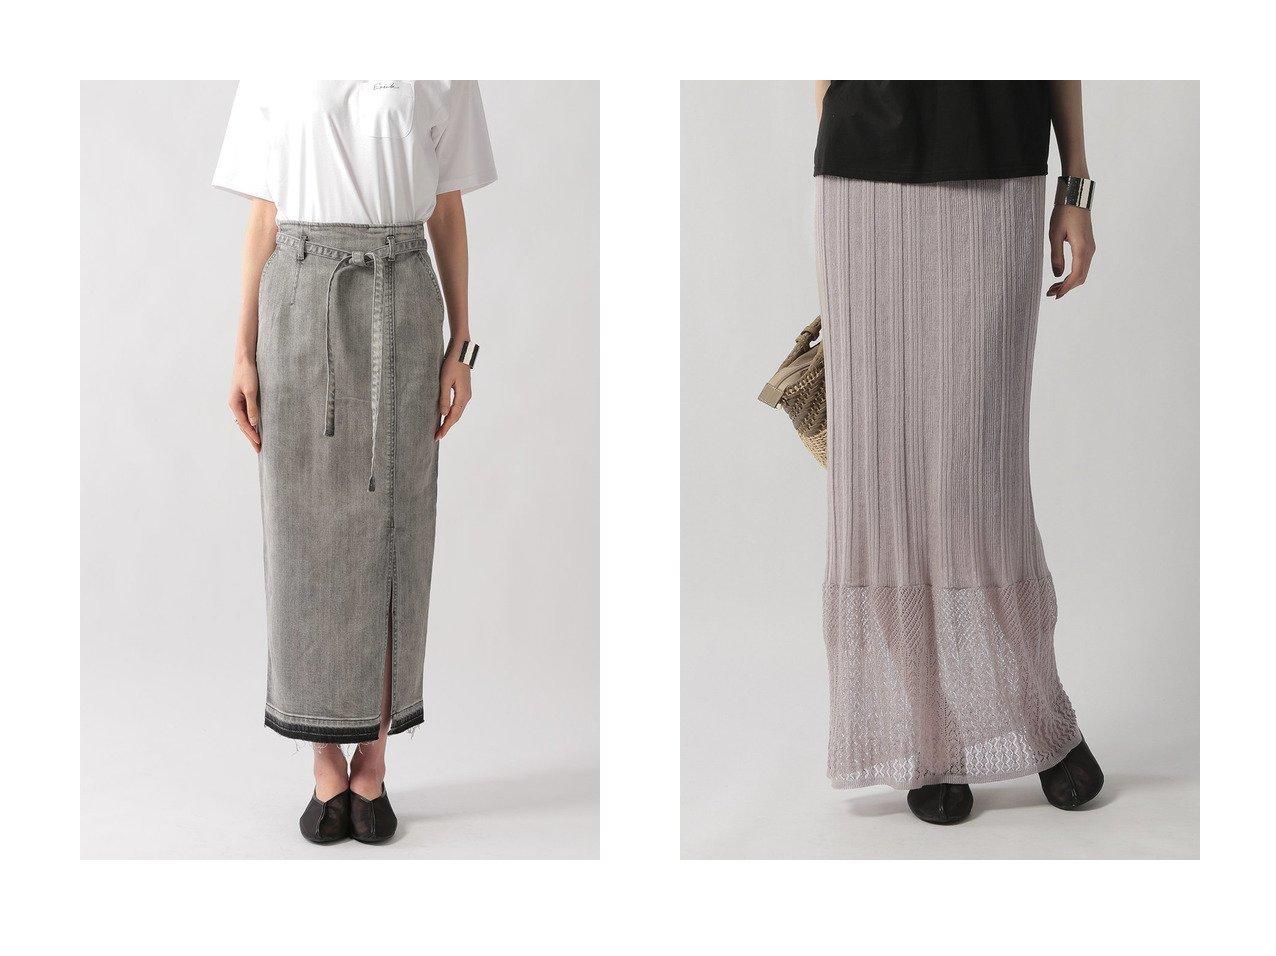 【Ezick/エジック】のカイハラデニムタイトスカート&透かしリブニットスカート 【スカート】おすすめ!人気、トレンド・レディースファッションの通販 おすすめで人気の流行・トレンド、ファッションの通販商品 インテリア・家具・メンズファッション・キッズファッション・レディースファッション・服の通販 founy(ファニー) https://founy.com/ ファッション Fashion レディースファッション WOMEN スカート Skirt ロングスカート Long Skirt ストレッチ スリット タイトスカート デニム ロング 定番 Standard シンプル タンク リネン レース 夏 Summer 透かし  ID:crp329100000048106